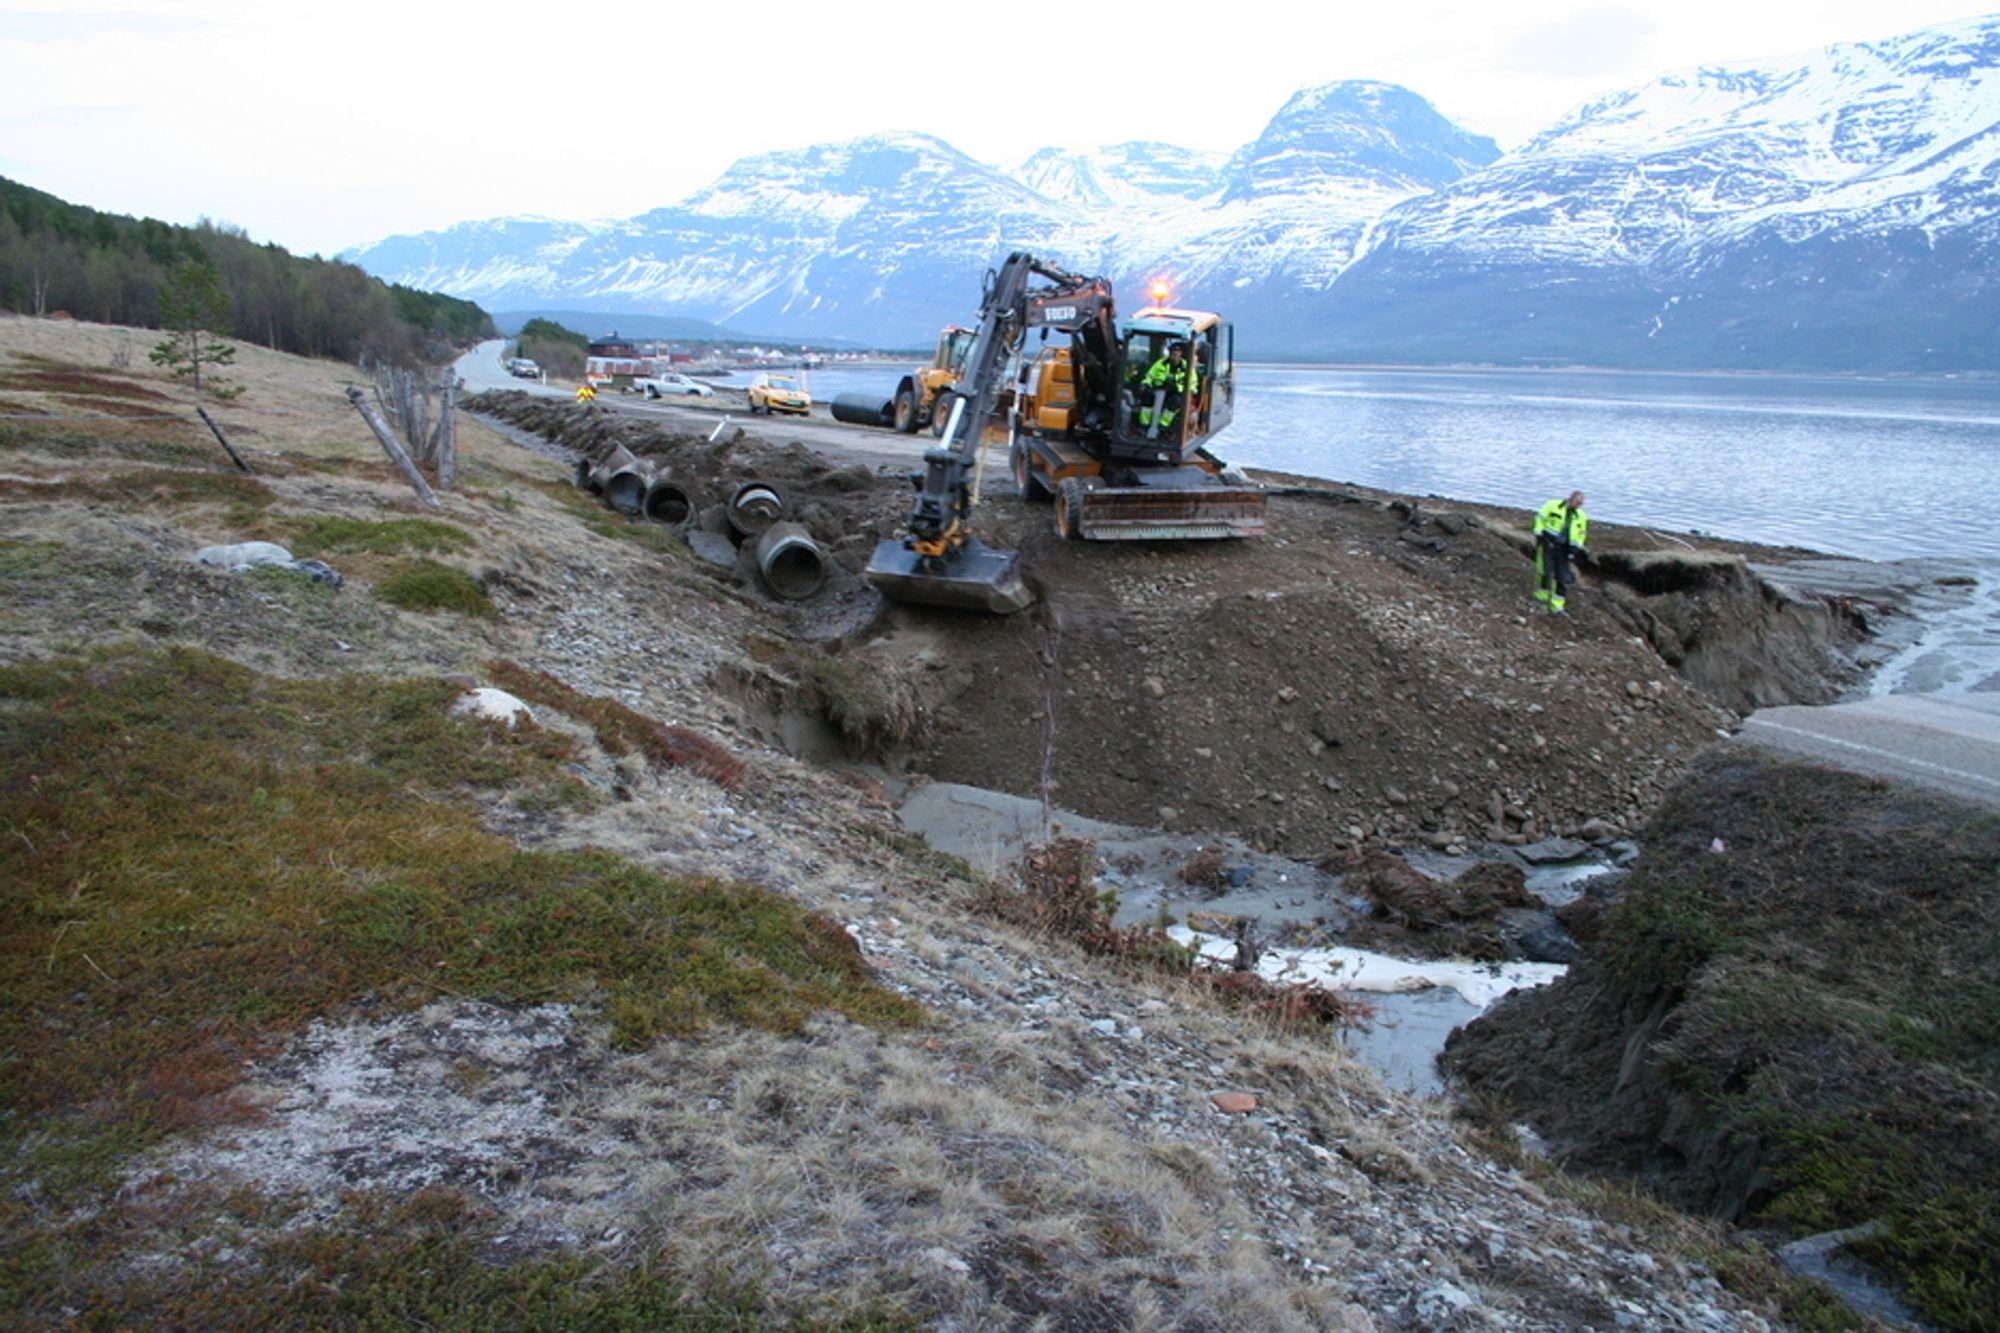 På Røykenes nord for Skibotn har naturkreftene tatt store deler av E6. 1500 kubikk med masse har rast ut. Bruddstedet delte Norge i to. Flommen kom som følge av rekordvarme og påfølgende enorm snøsmelting. I løpet av en time var veien kuttet på to forskjellige steder. Her er mannskaper med gravemaskiner i arbeid med å utbedre bruddstedet.